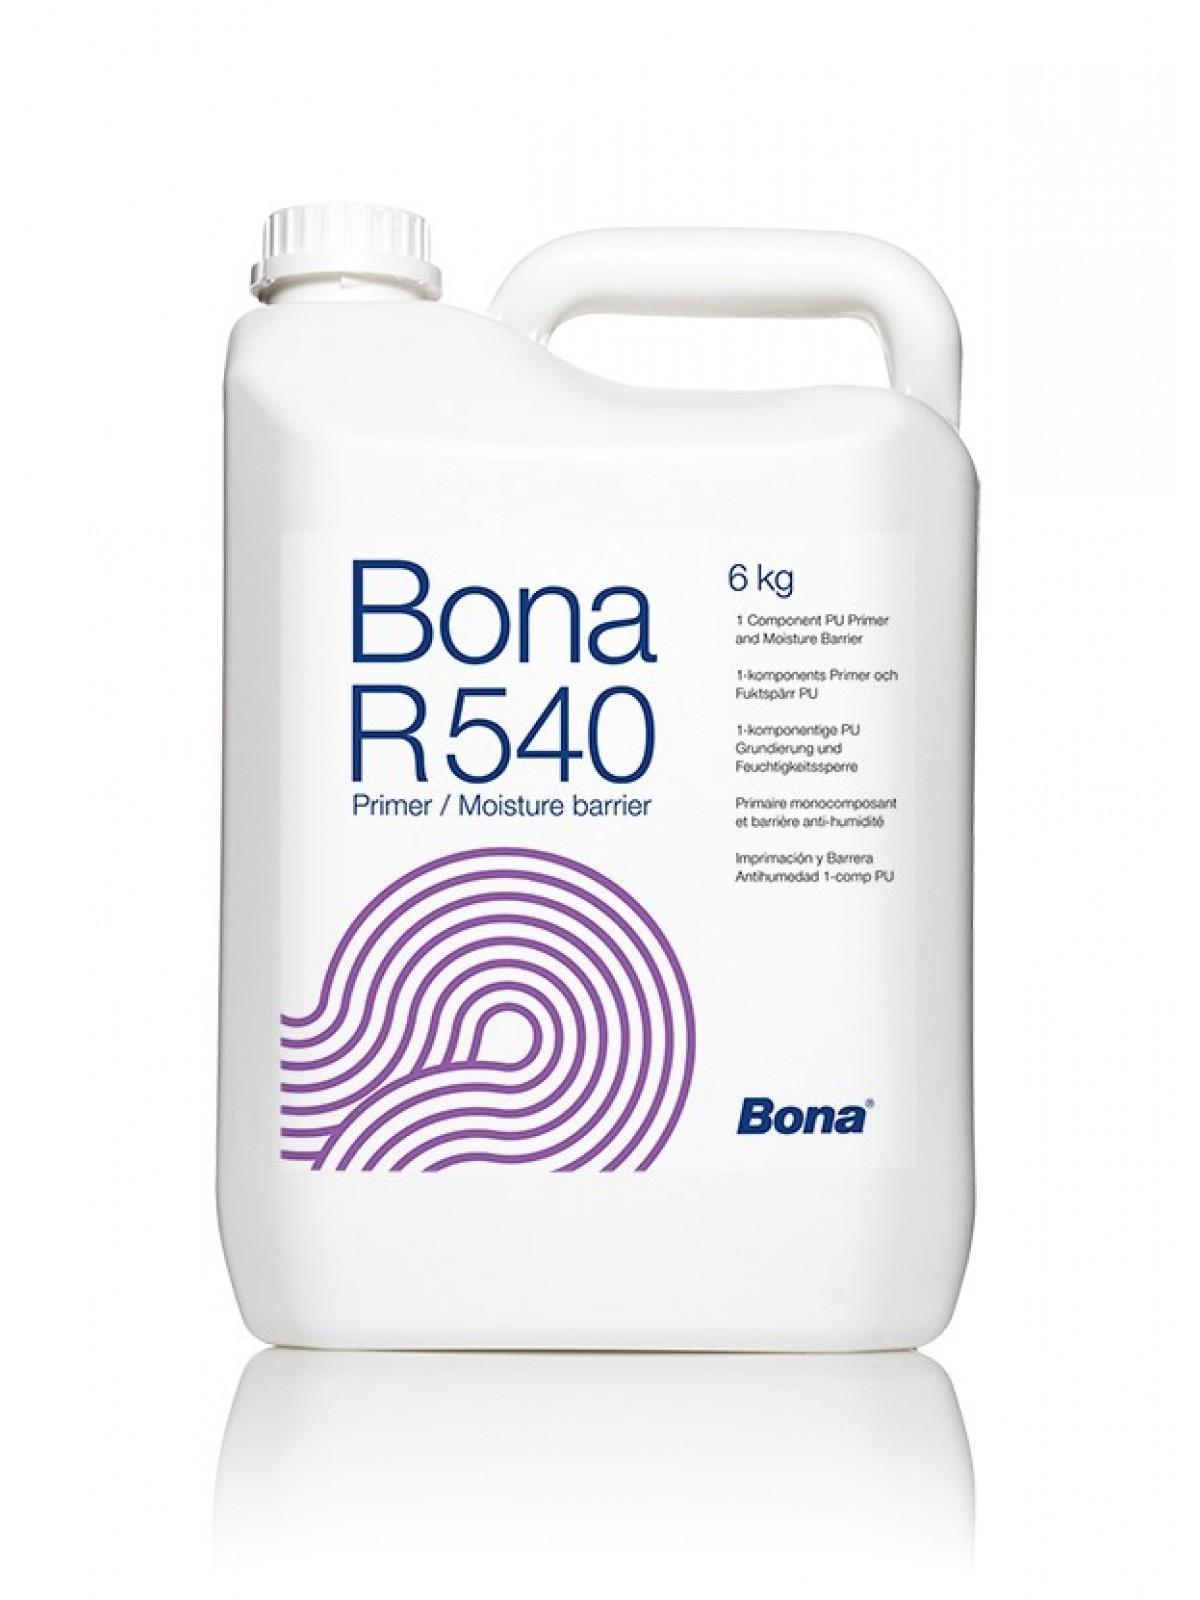 Amorsa poliuretanica Bona R540 6kg